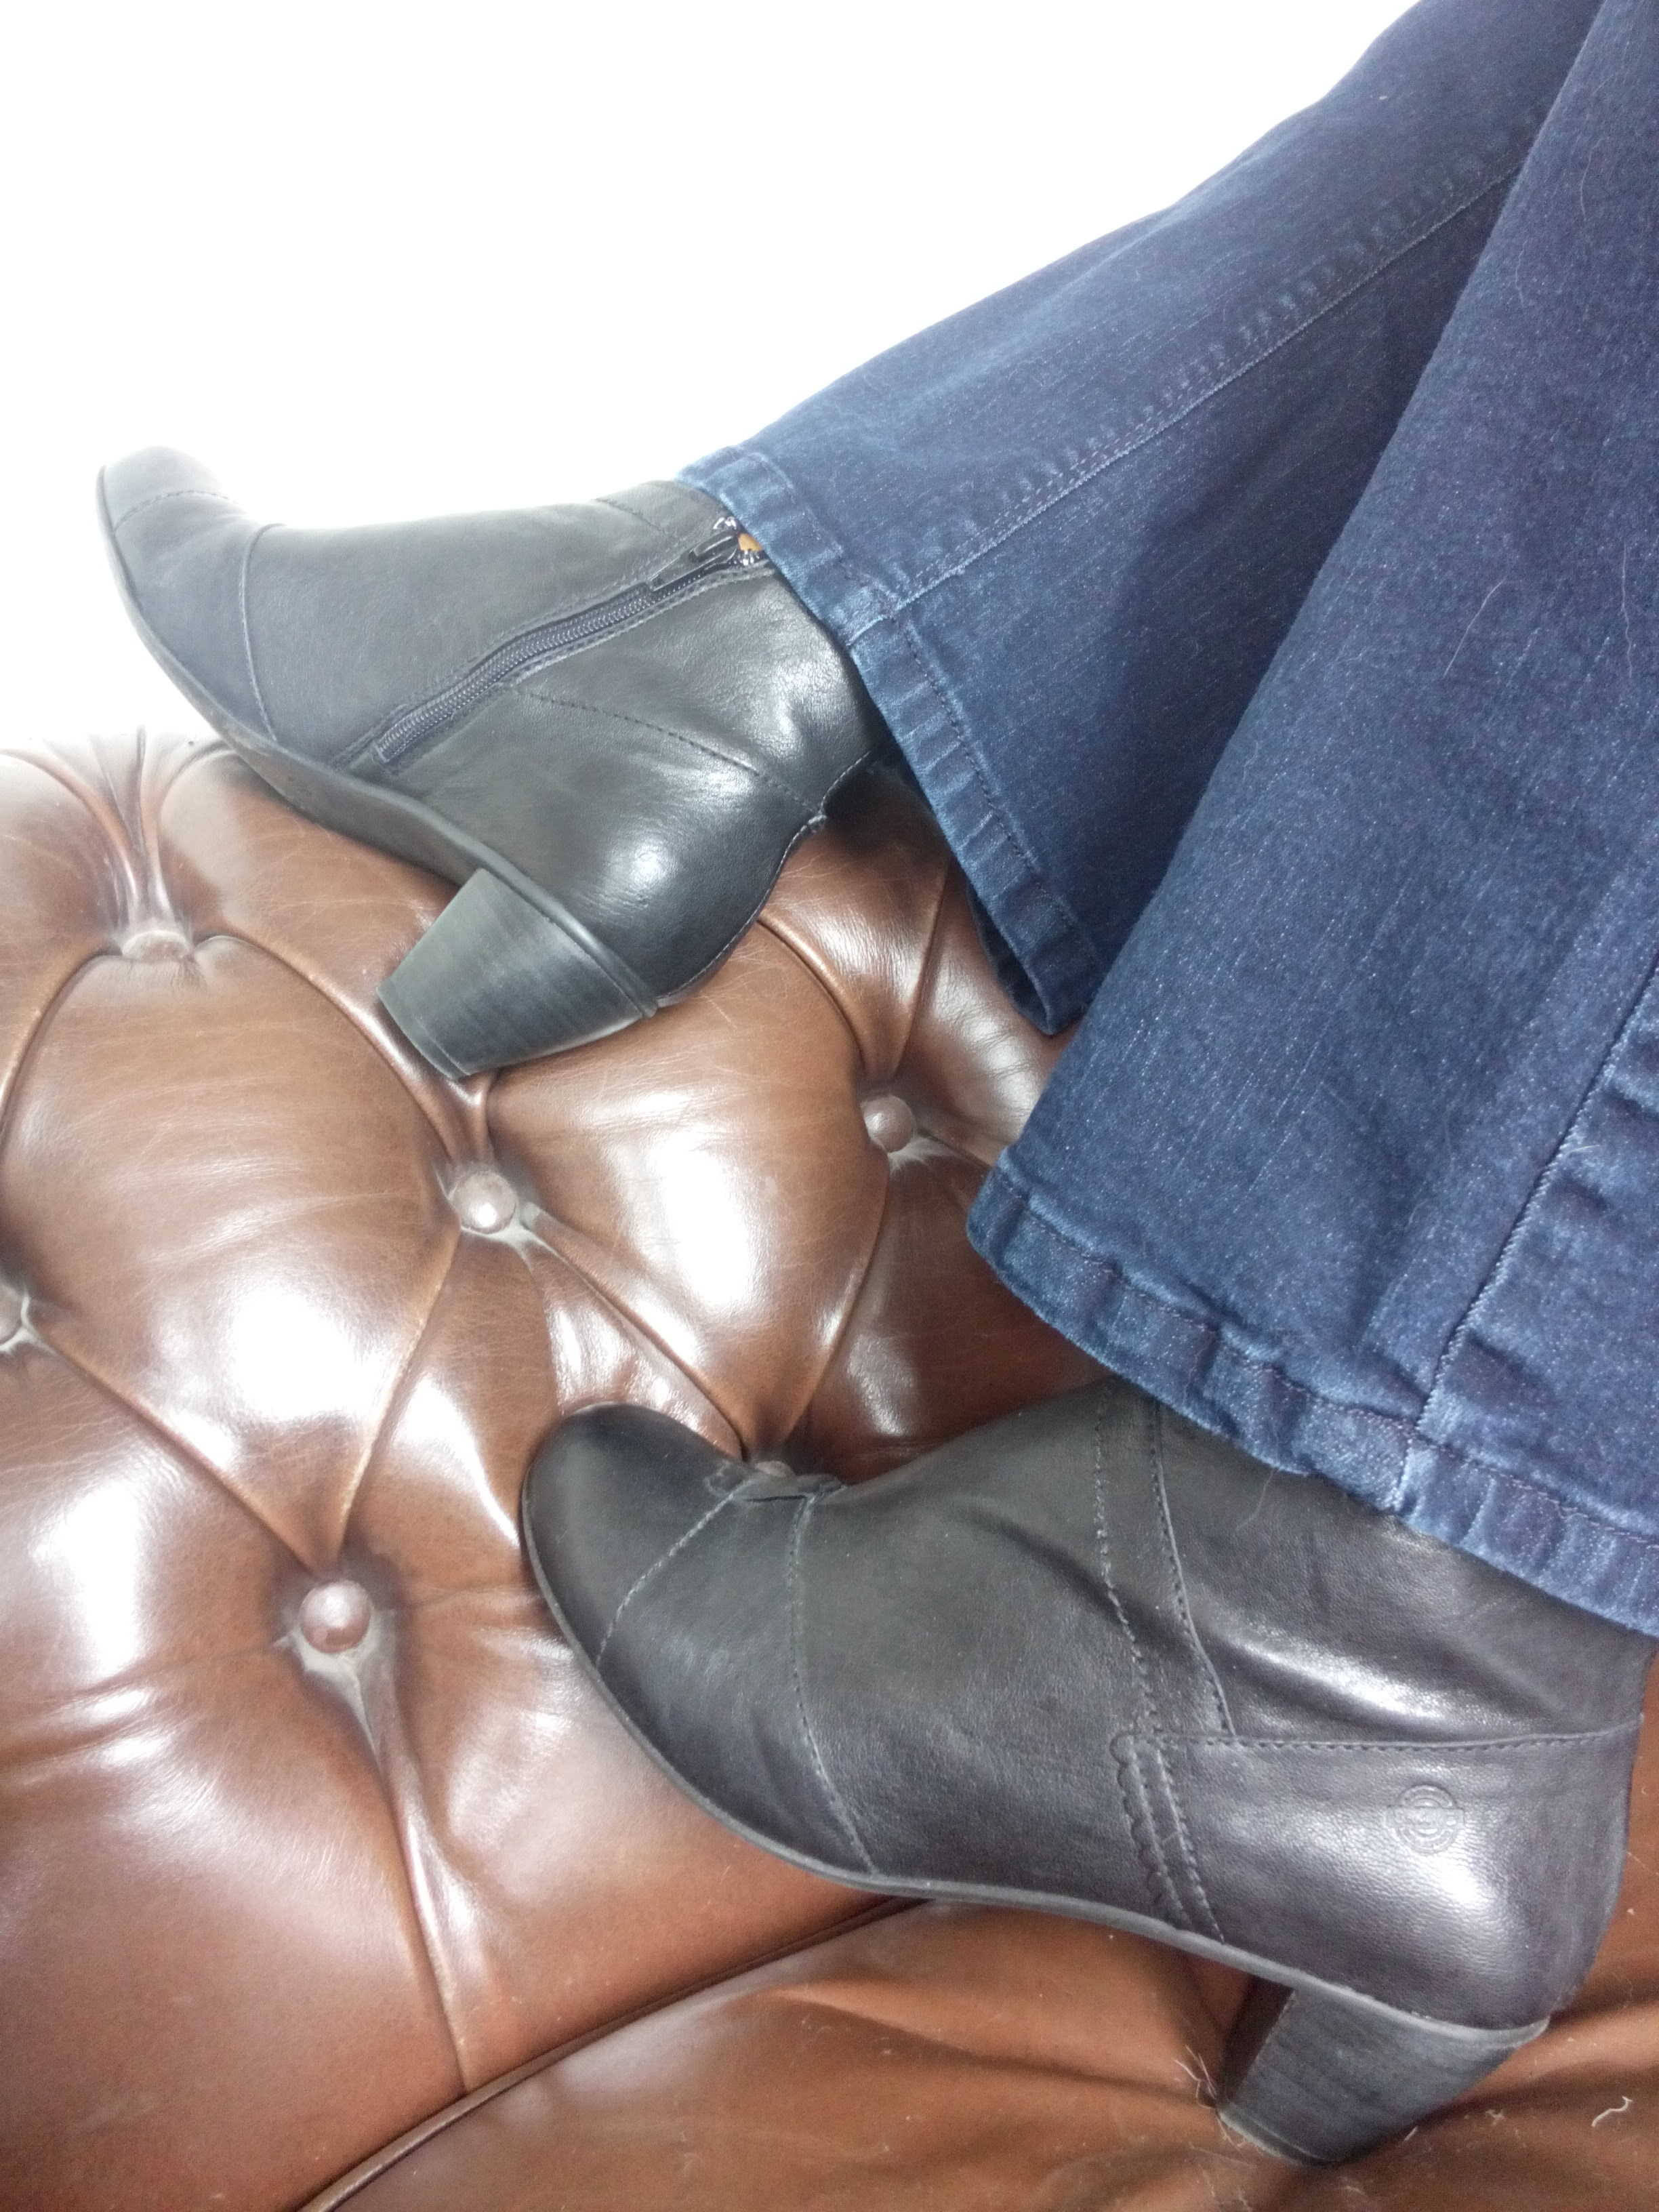 schoenen Brako http://gerhildemaakt.wordpress.com